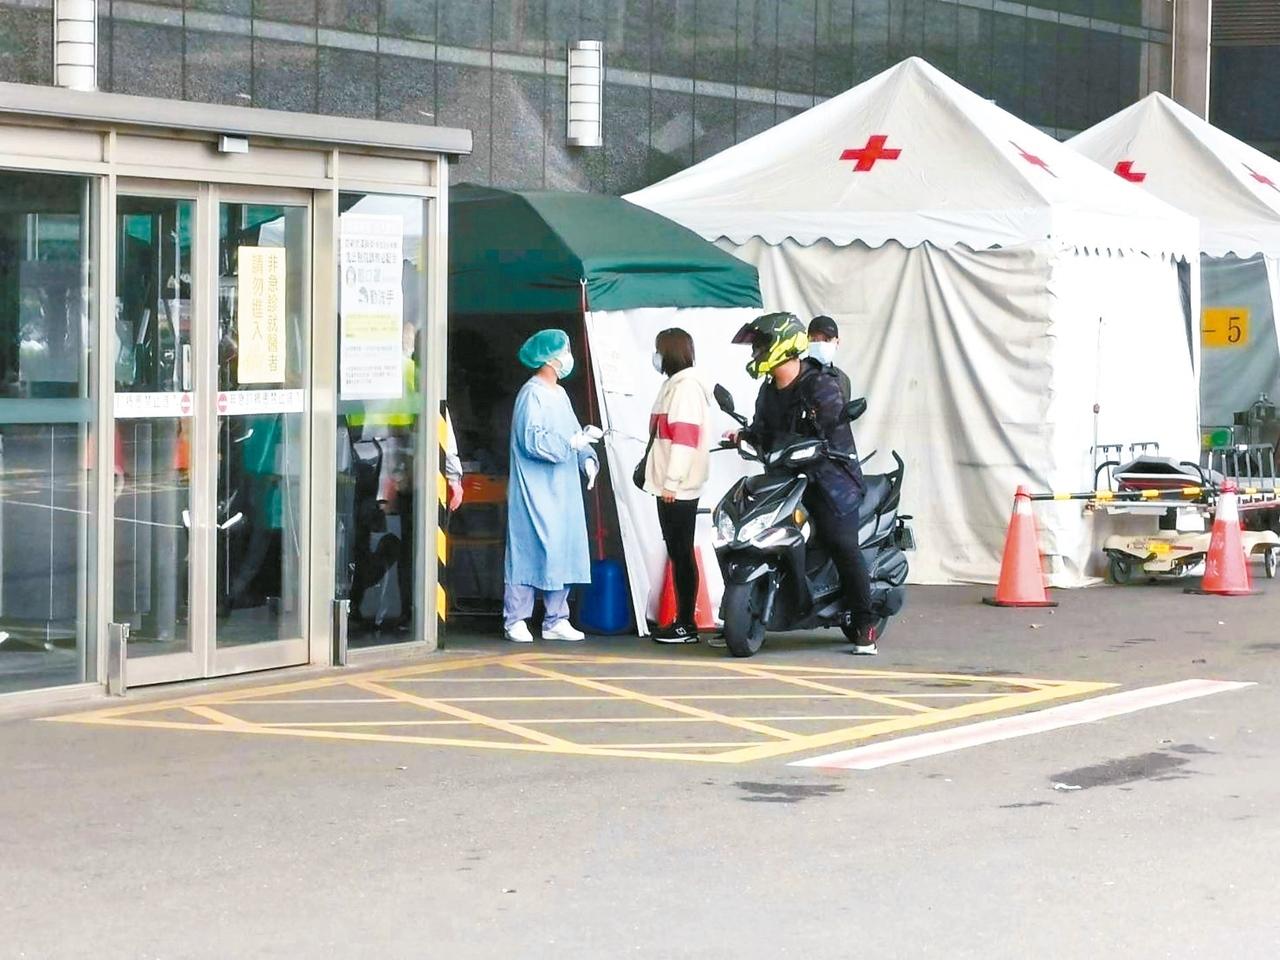 受新冠肺炎疫情影響,近期到嘉基、聖馬等大型醫院急診就診人數明顯減少。 記者卜敏正/攝影